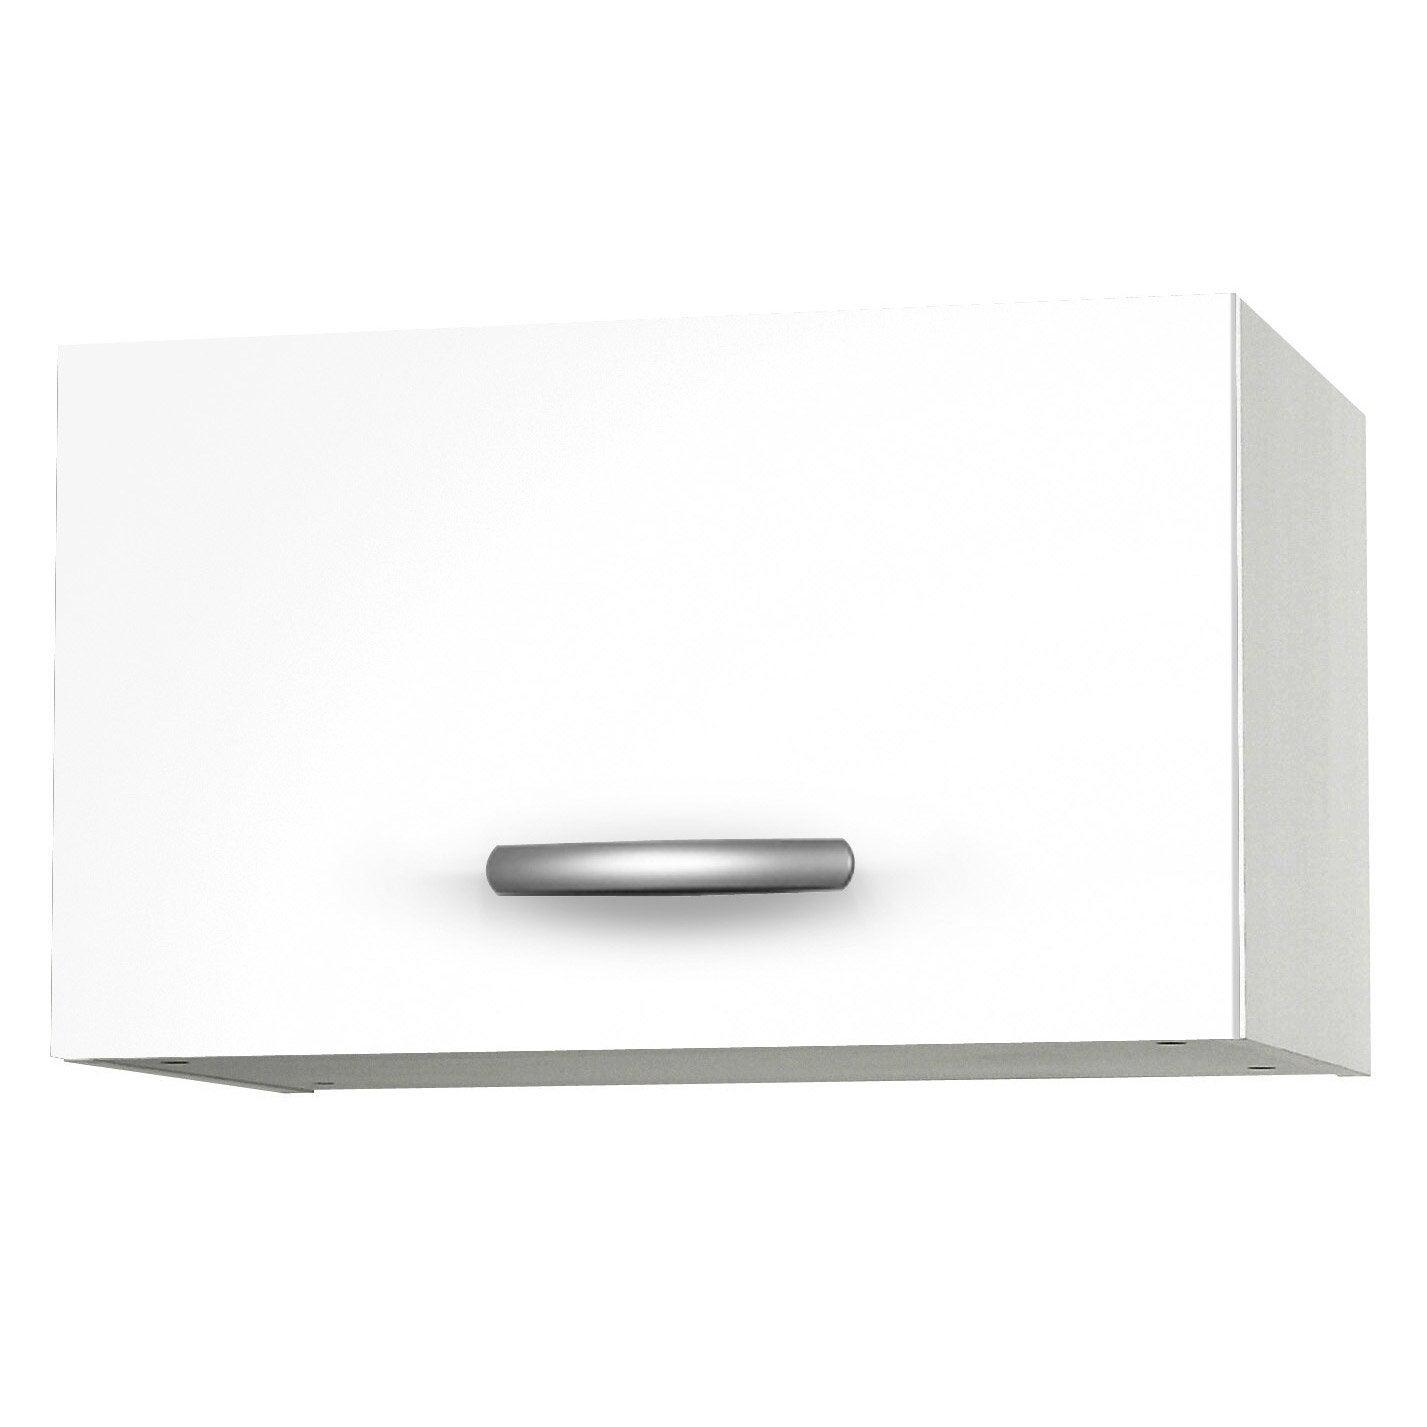 Meuble de cuisine haut 1 porte spring l60xh35xp35cm blanc for Meuble cuisine haut leroy merlin